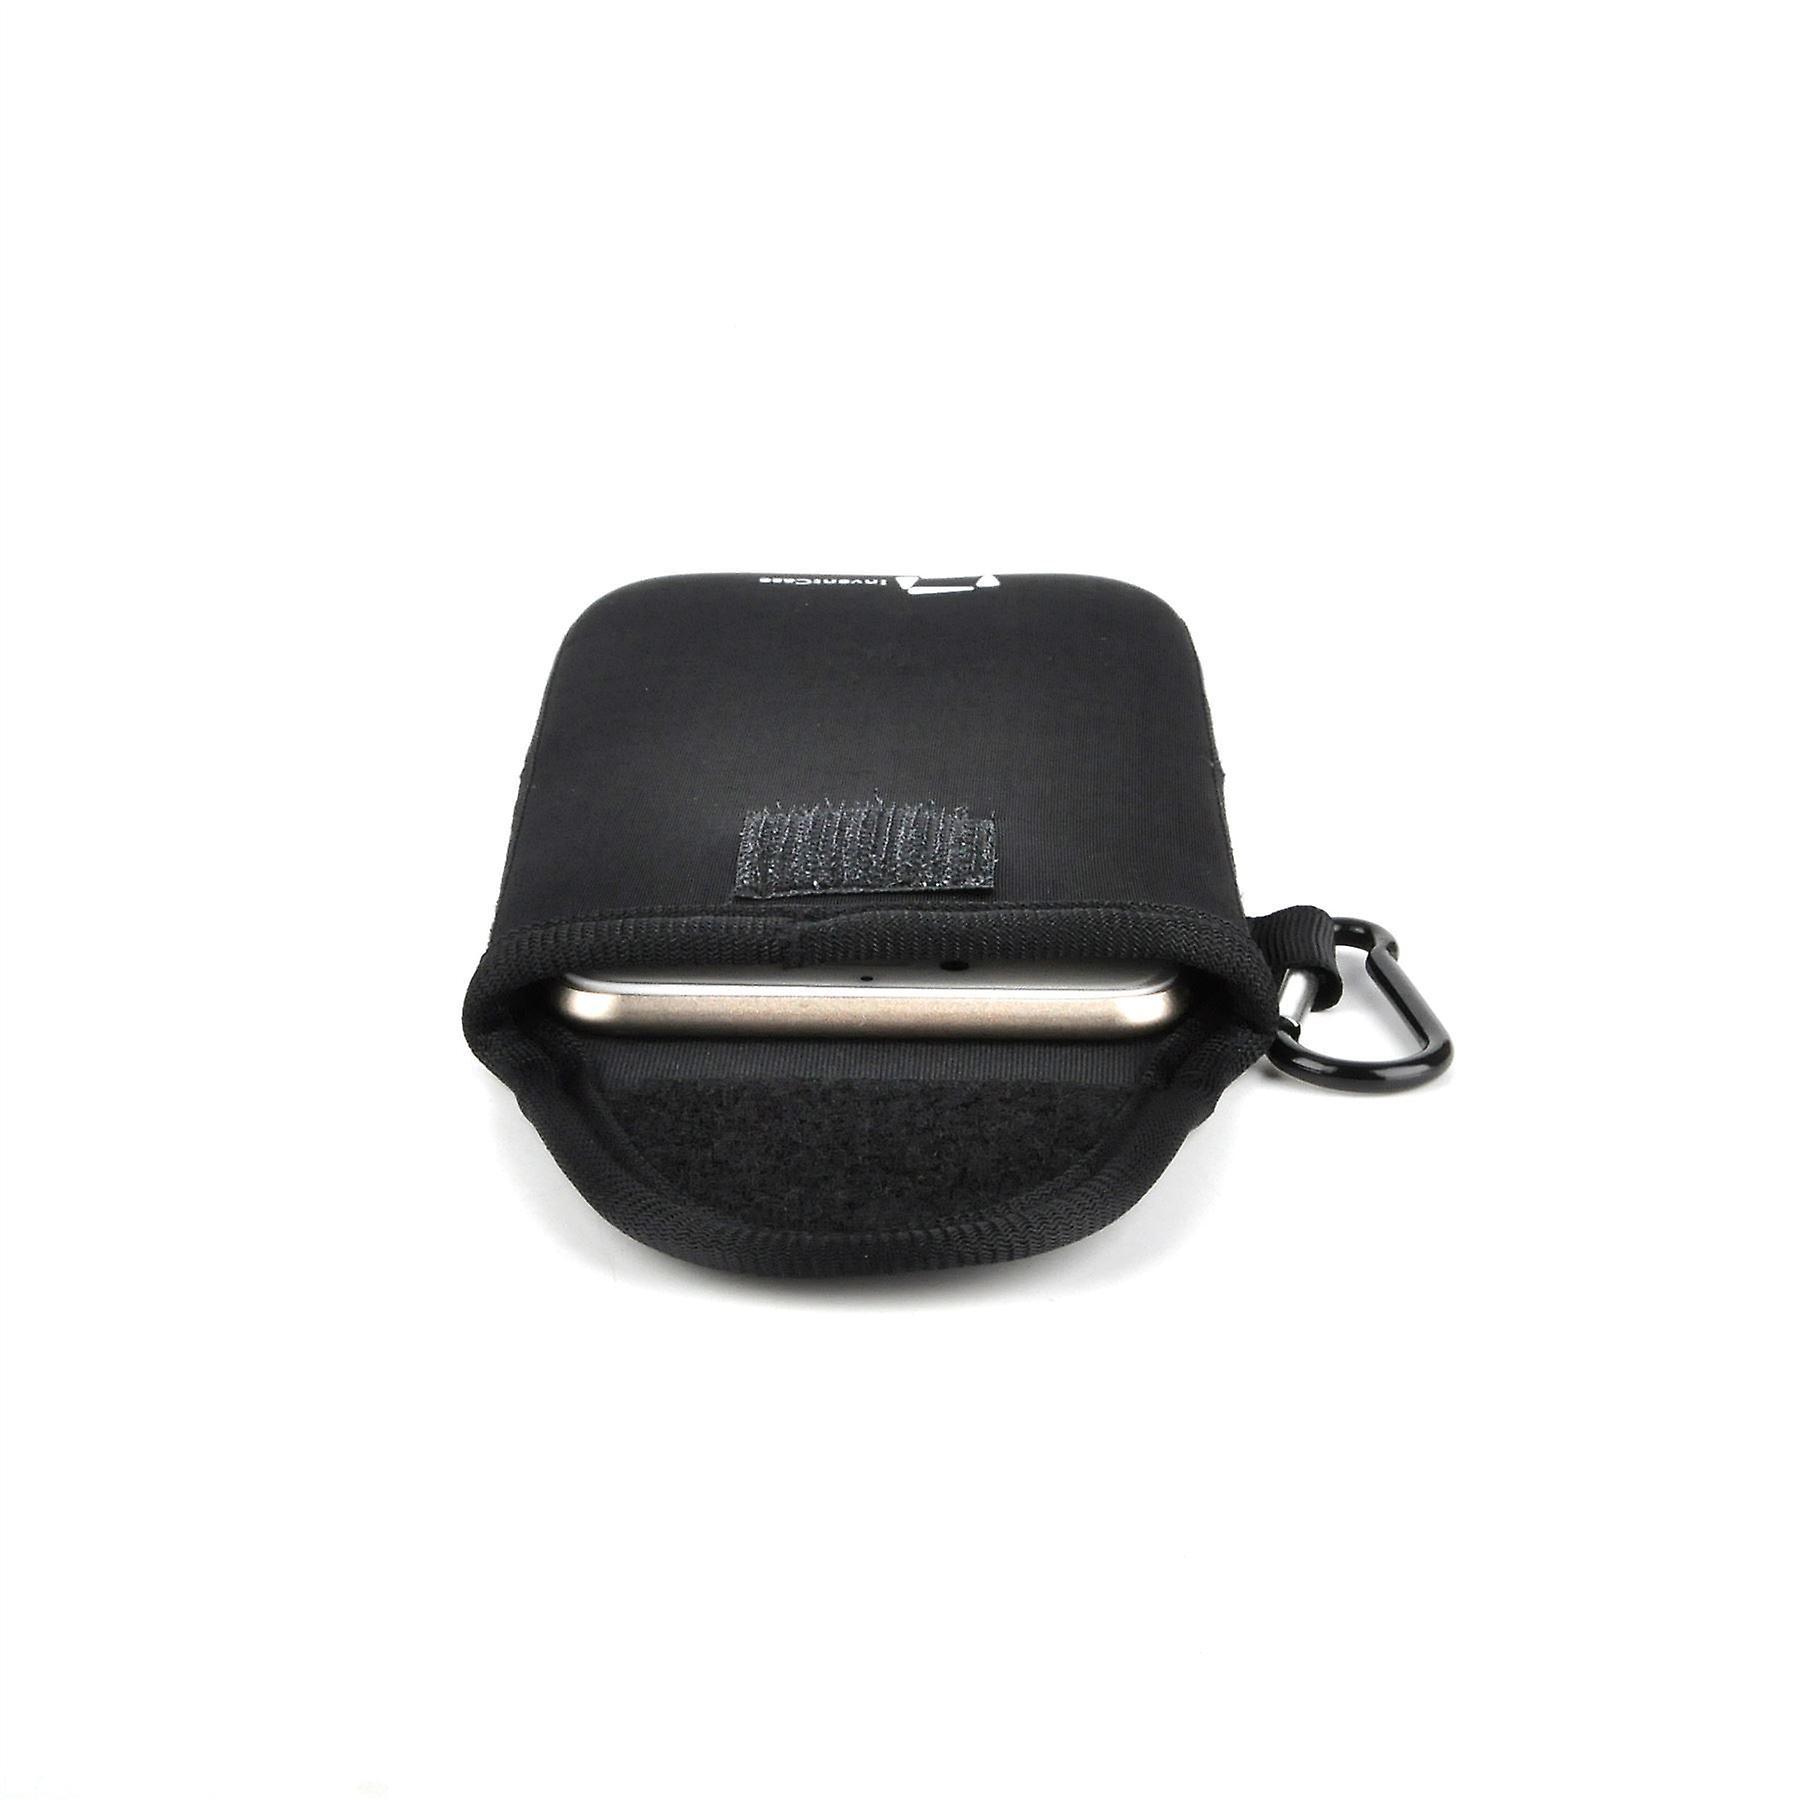 كيس تغطية القضية الحقيبة واقية مقاومة لتأثير النيوبرين إينفينتكاسي مع إغلاق Velcro و Carabiner الألومنيوم للأم سوني إريكسون--الأسود